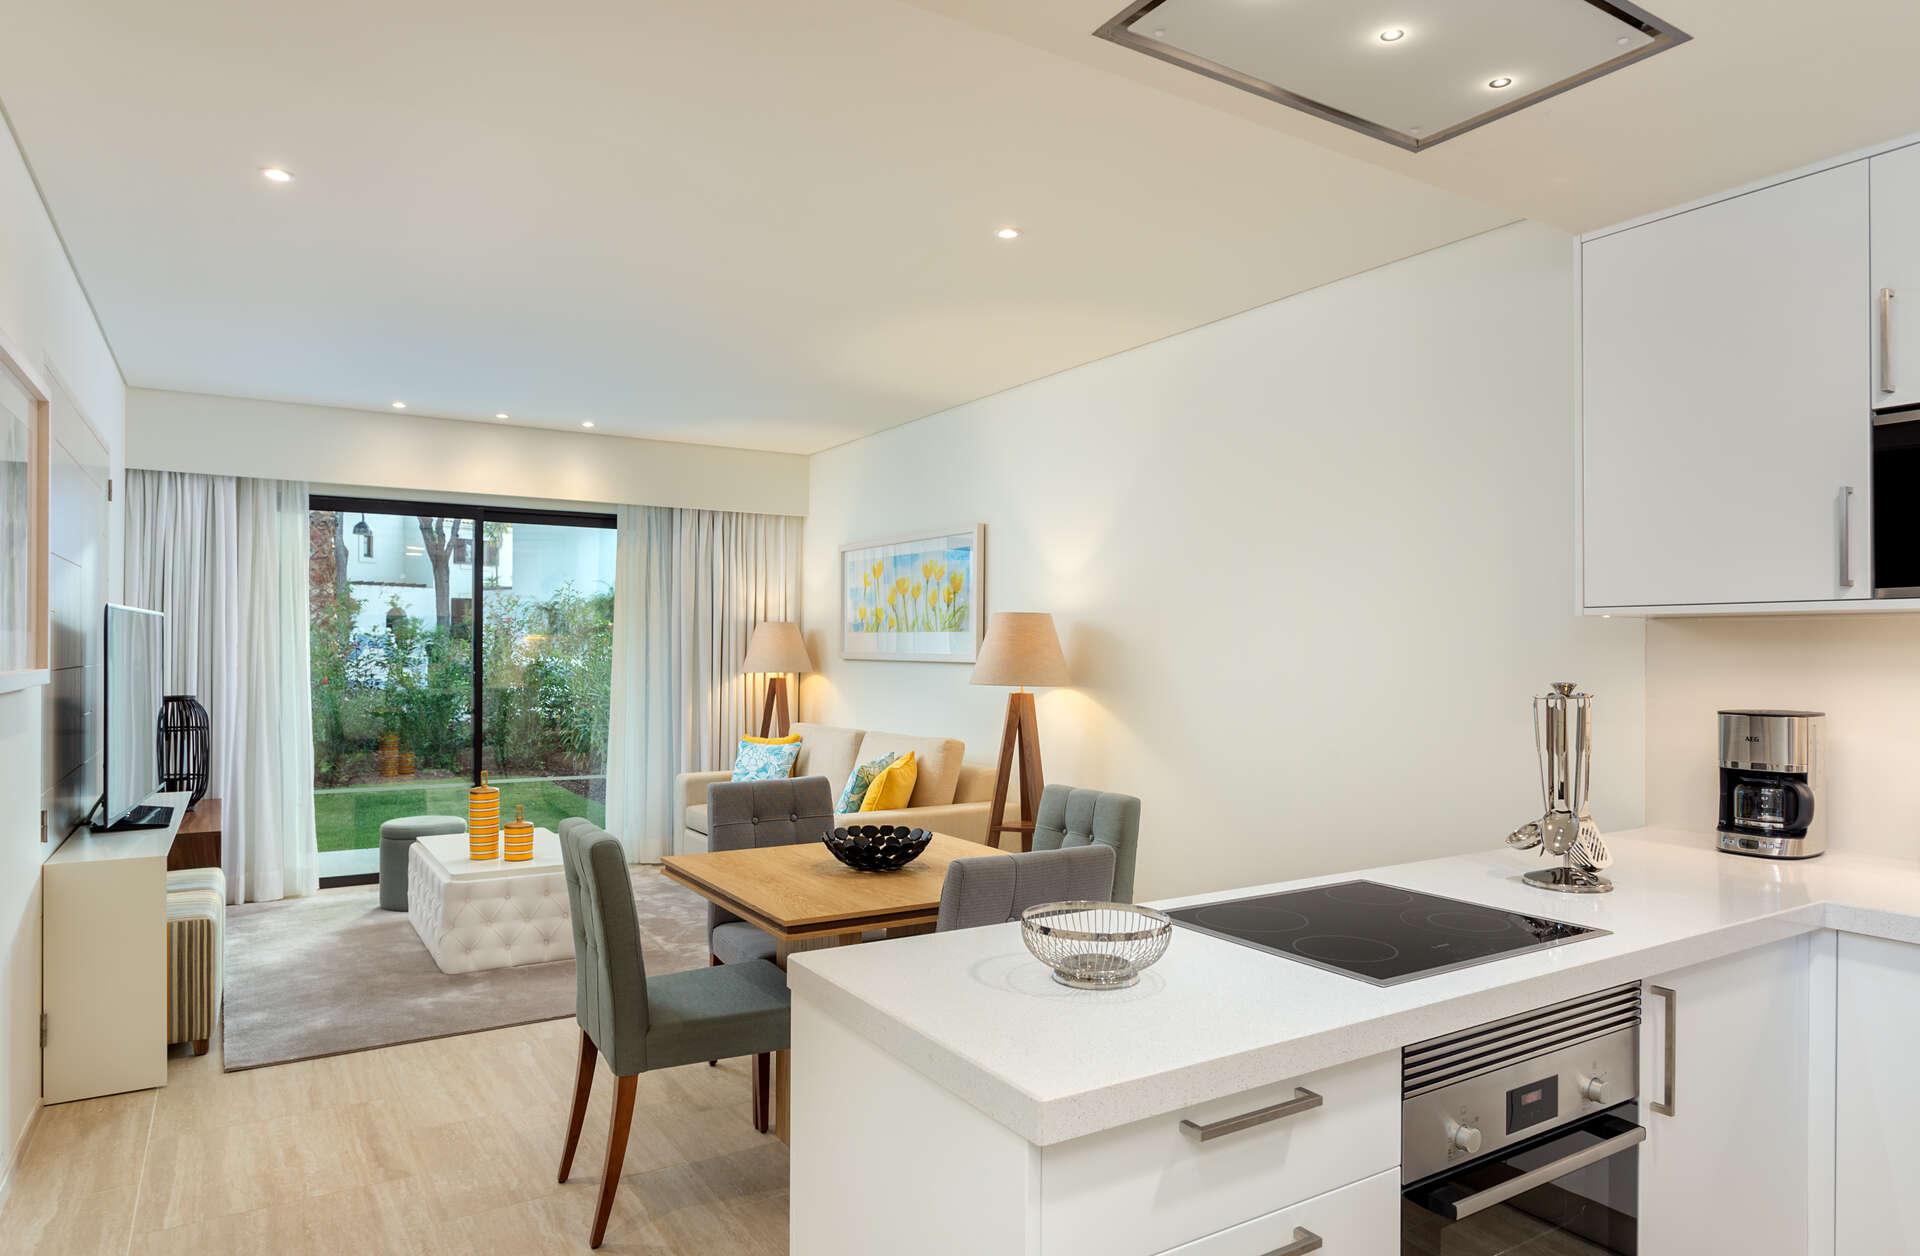 Luxury vacation rentals europe - Portugal - Algarve - Pine cliffs resort - Garden 2 BM - Image 1/37